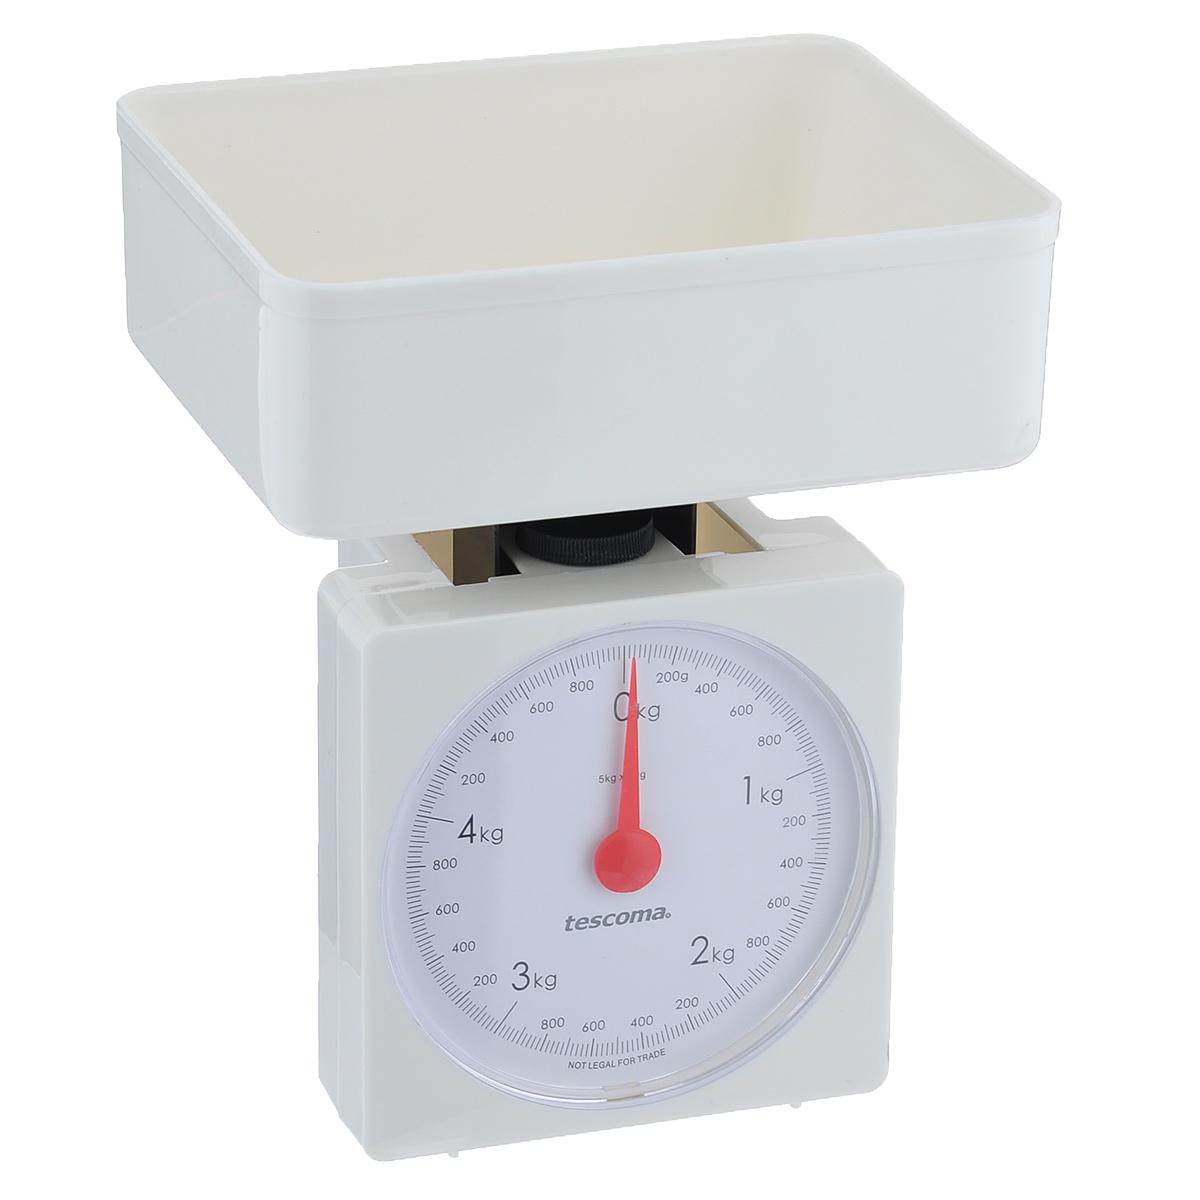 Весы кухонные механические Tescoma Accura, цвет: белый, до 5 кг634524Механические кухонные весы Tescoma Accura, выполненные из высокопрочного пластика и стали, с большой, хорошо читаемой шкалой и съемной чашей, придутся по душе каждой хозяйке и станут незаменимым аксессуаром на кухне. На шкале присутствуют единицы измерения в граммах и килограммах. В комплекте - пластиковая чаша. Вам больше не придется использовать продукты на глаз. Весы Tescoma Accura позволят вам с высокой точностью дозировать продукты, следуя вашим любимым рецептам. Размер весов (без чаши): 13 см х 8 см х 17 см. Размер чаши: 18,5 см х 15 см х 7 см.